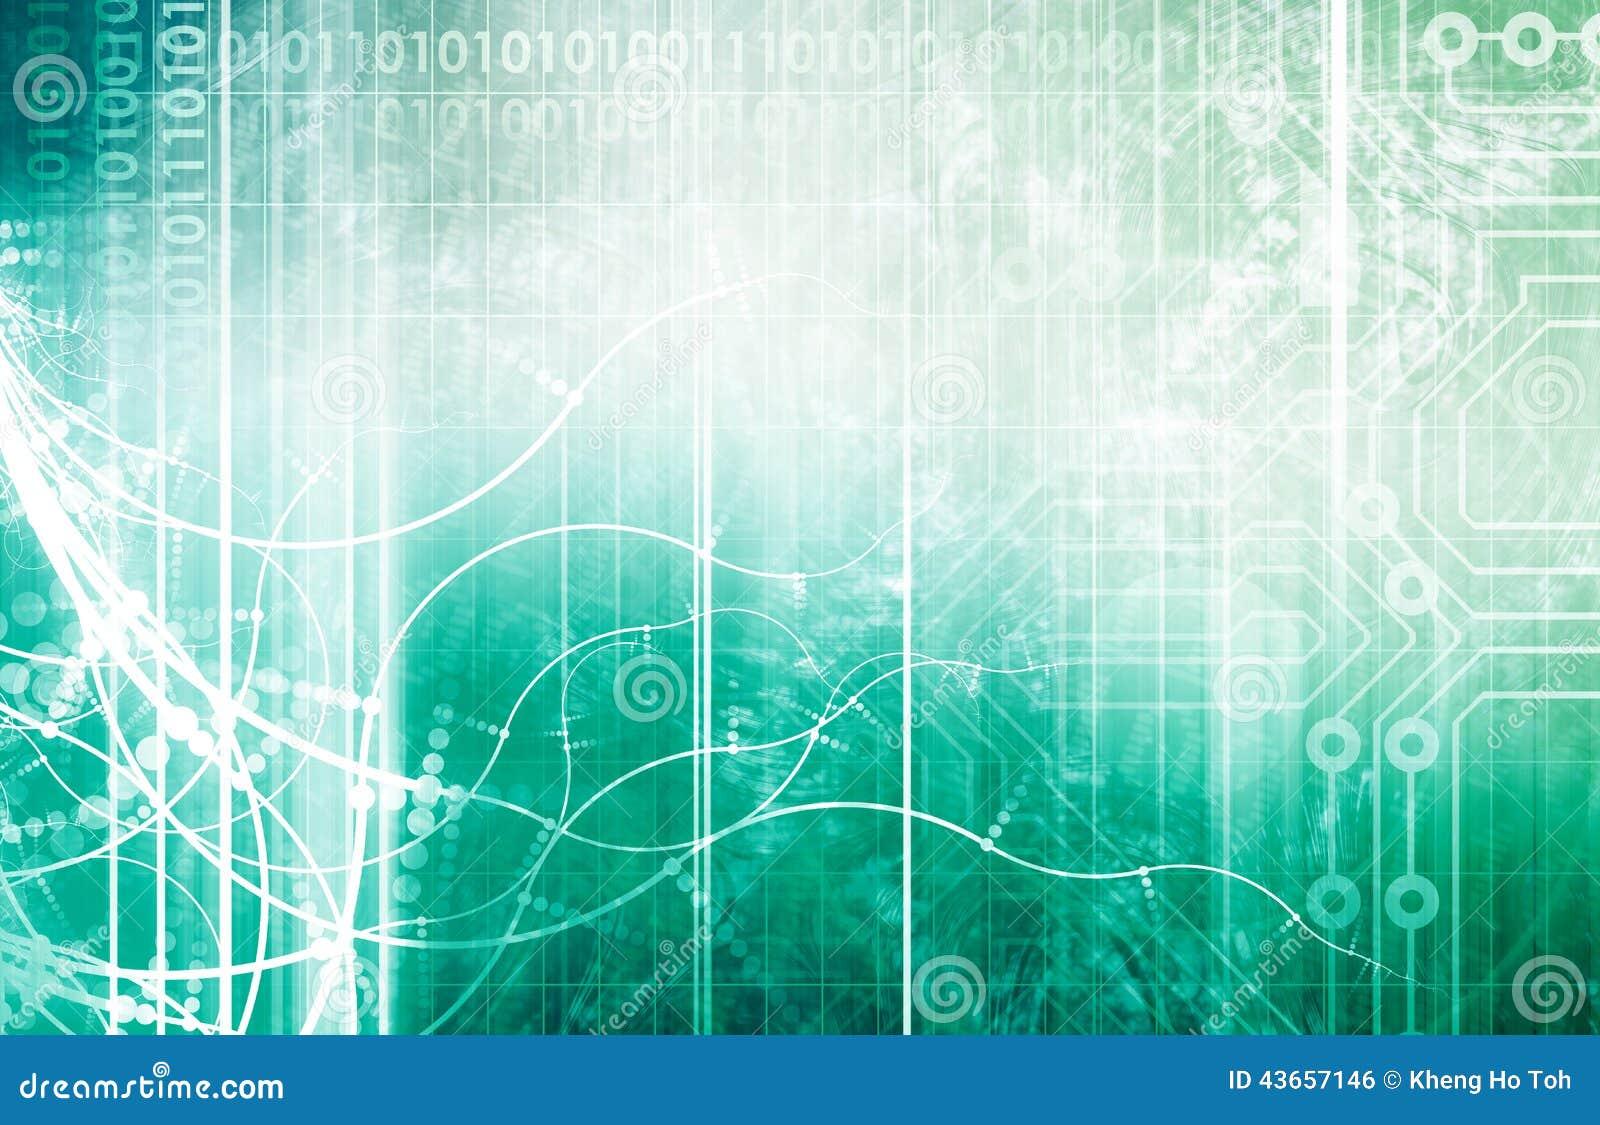 Vetenskap och teknologi